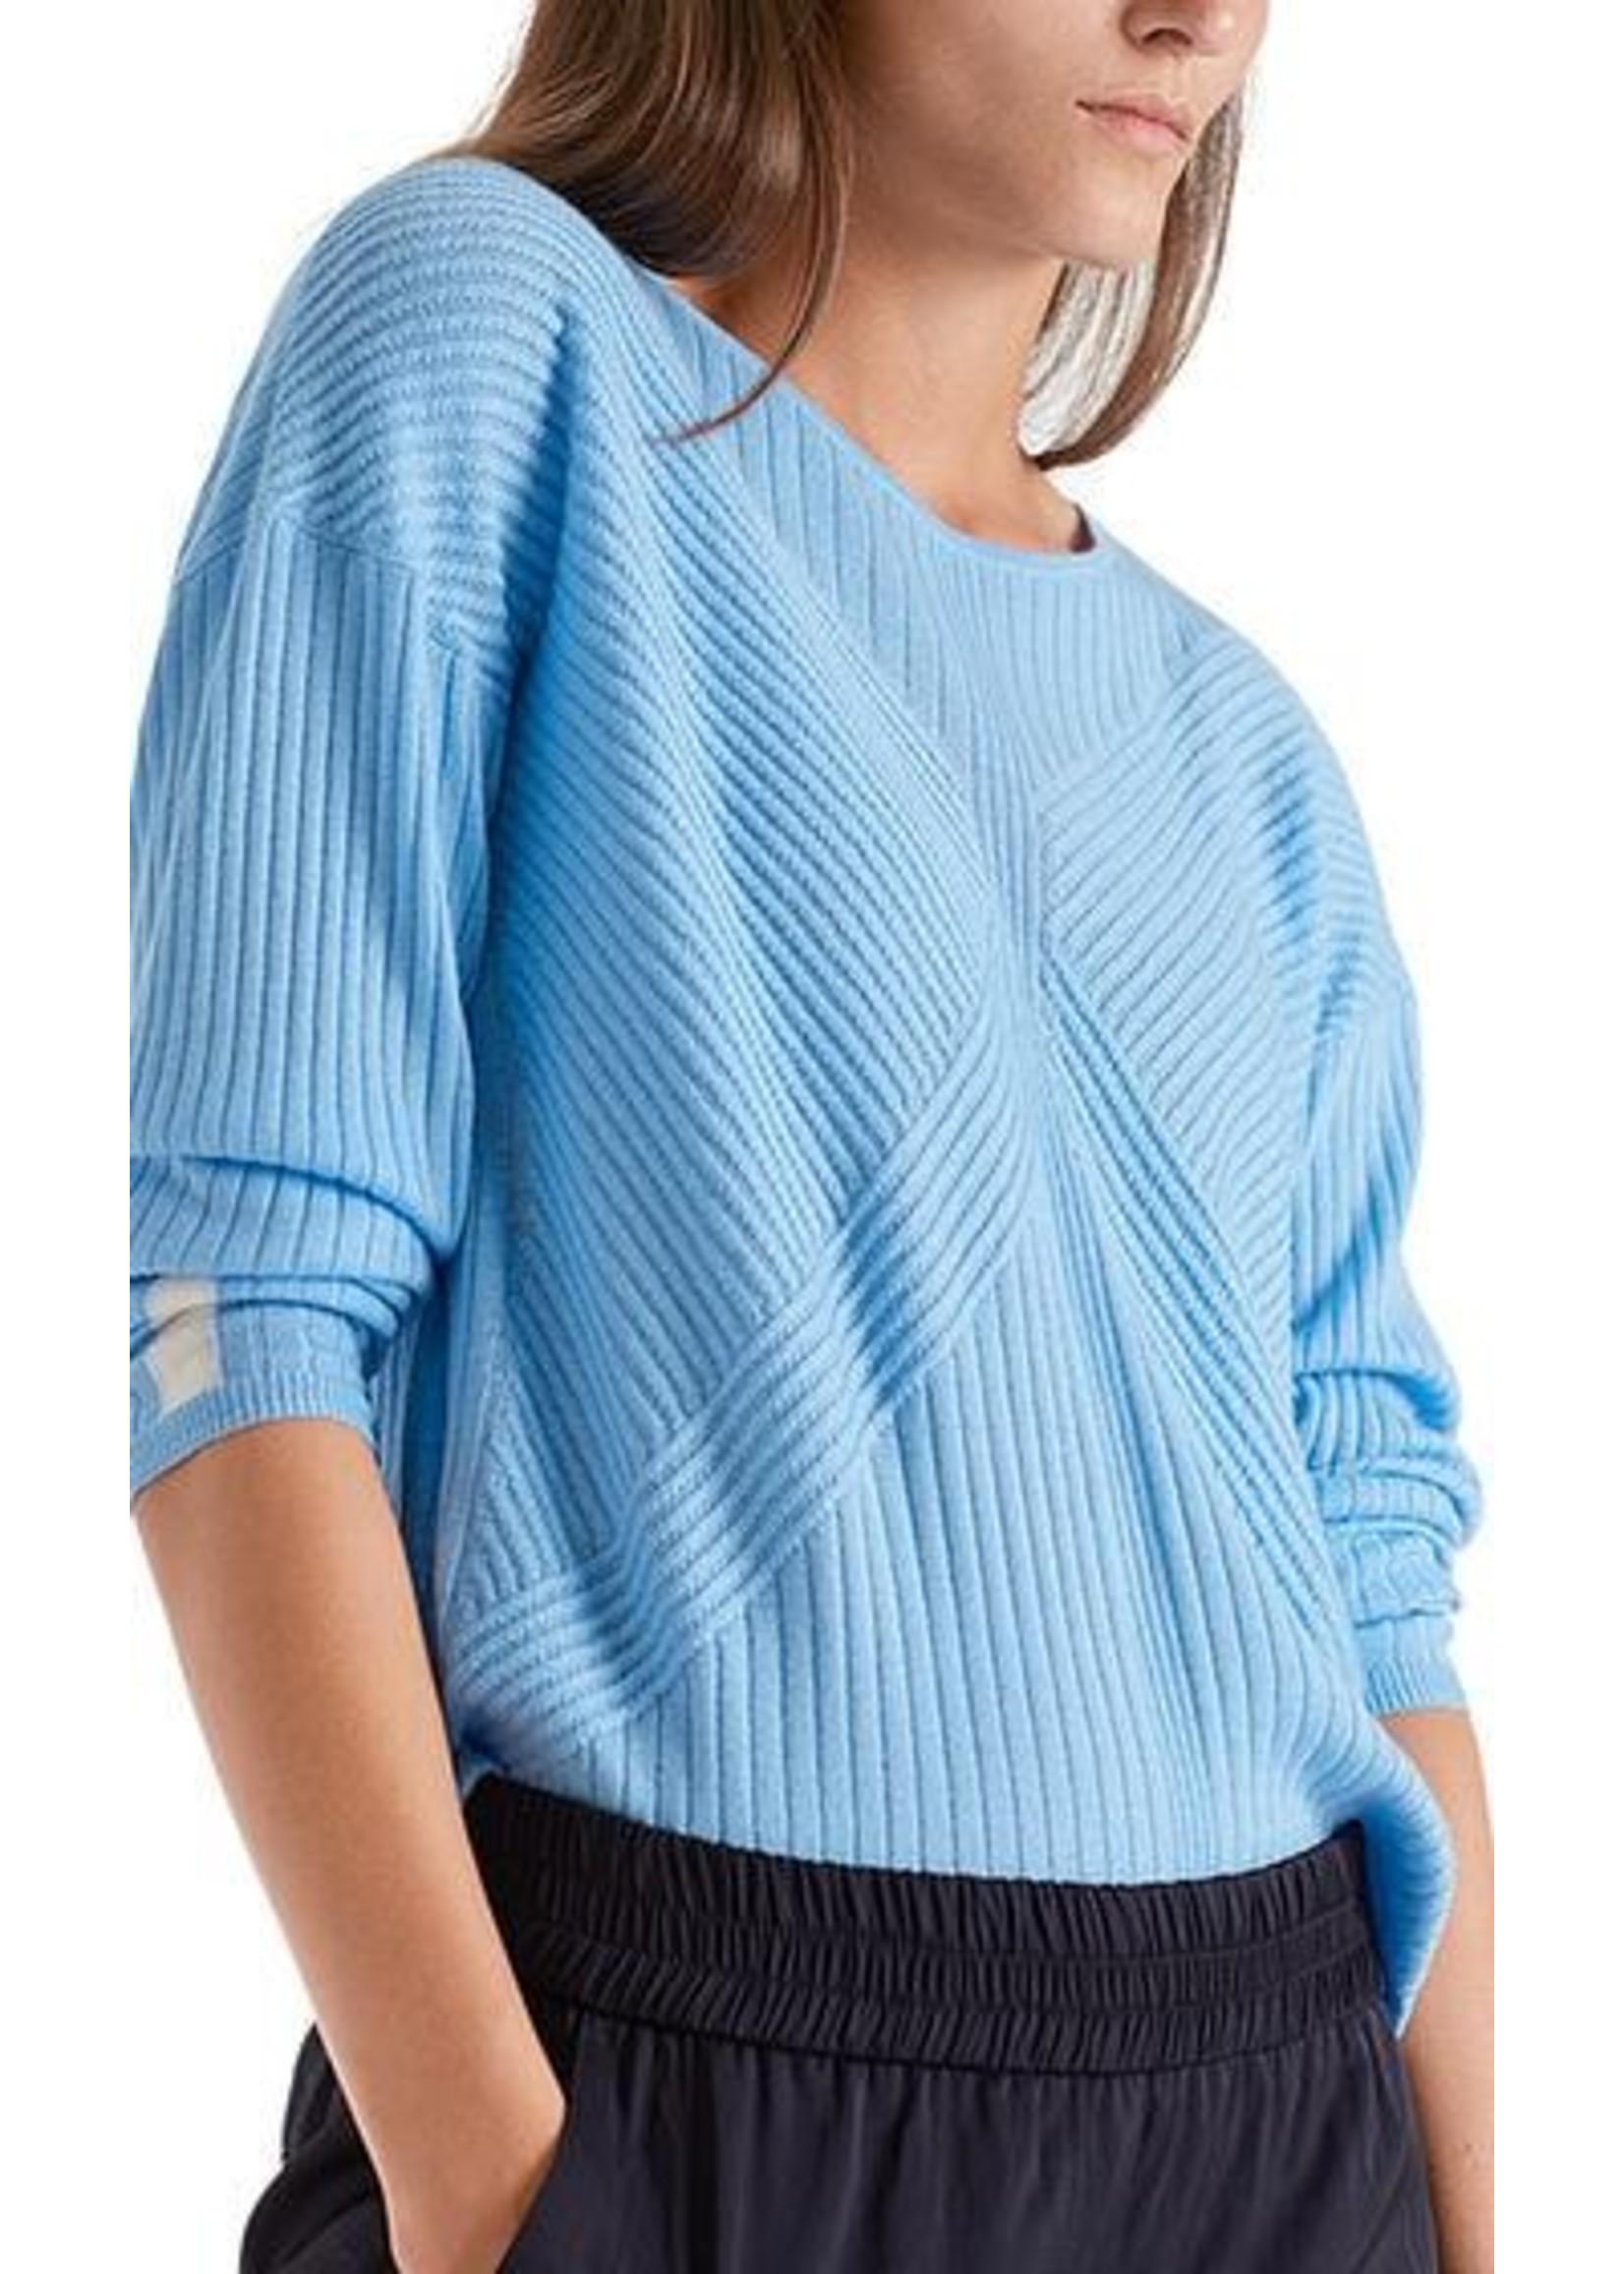 Sweater QS 41.06 M80